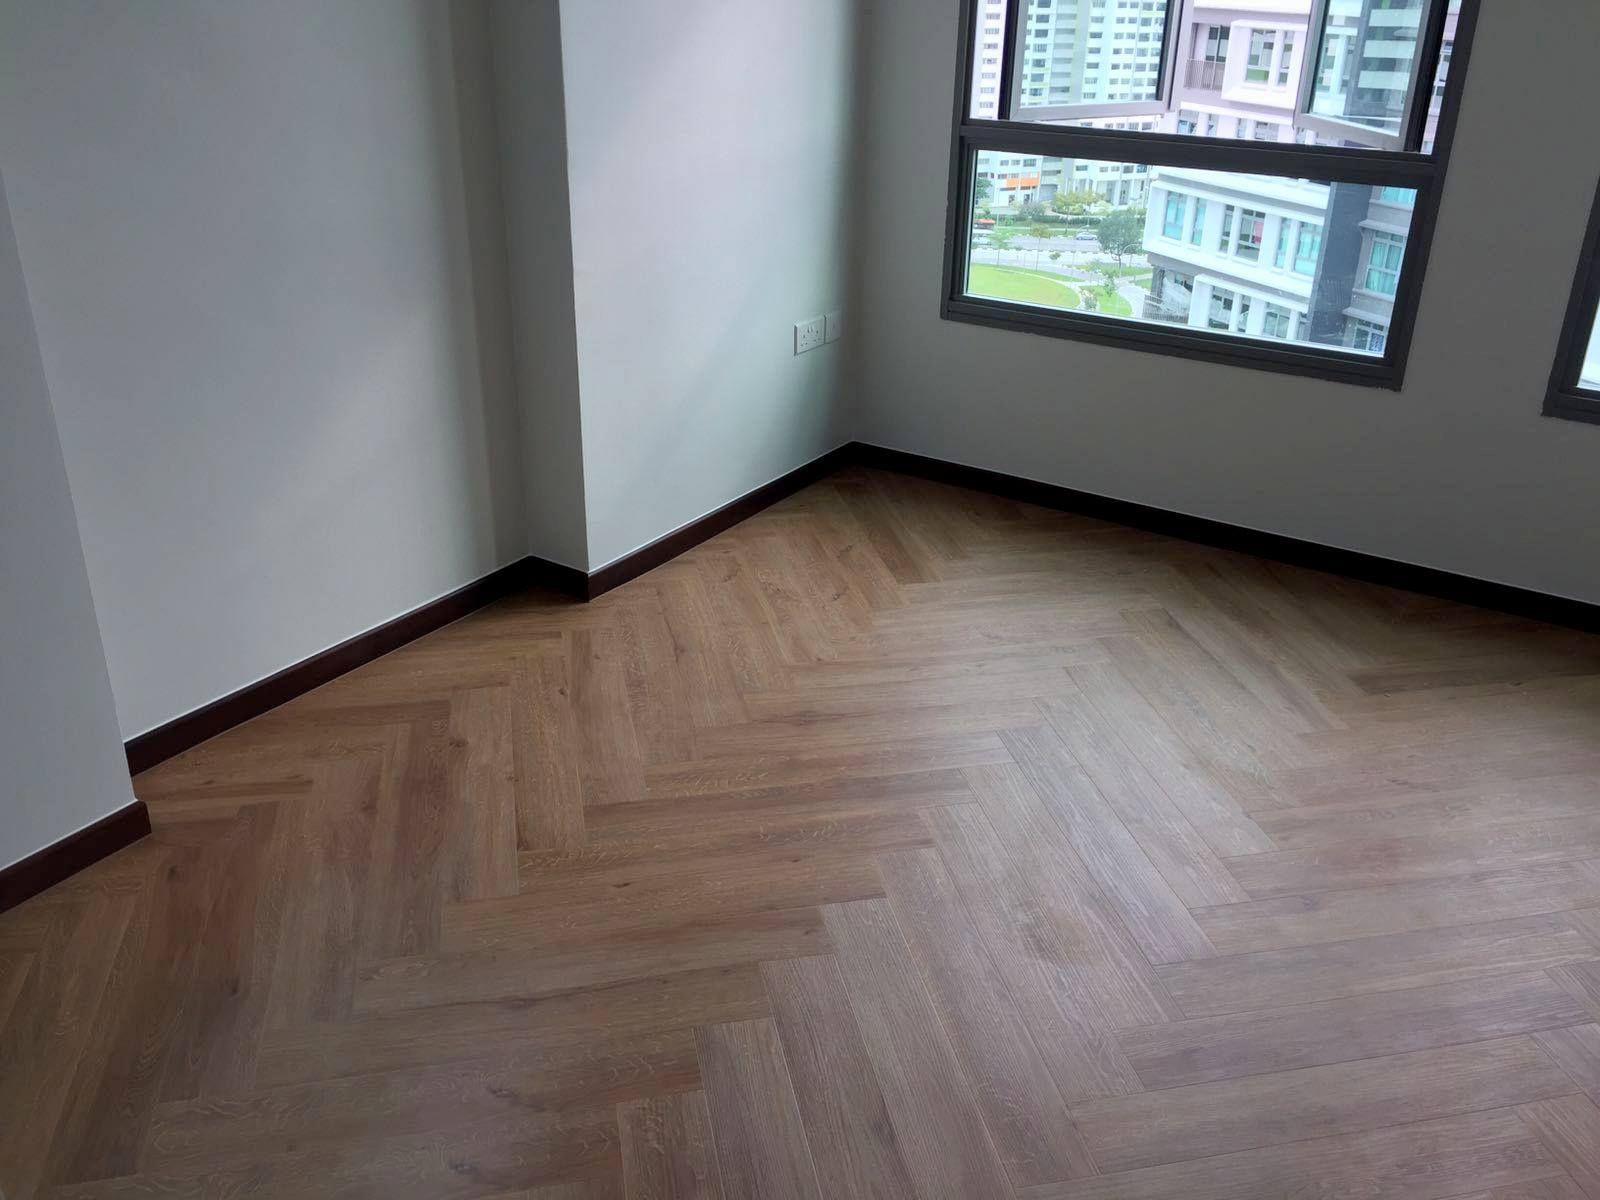 Pin by Marcus Lee on Flooring Vinyl flooring, Durable